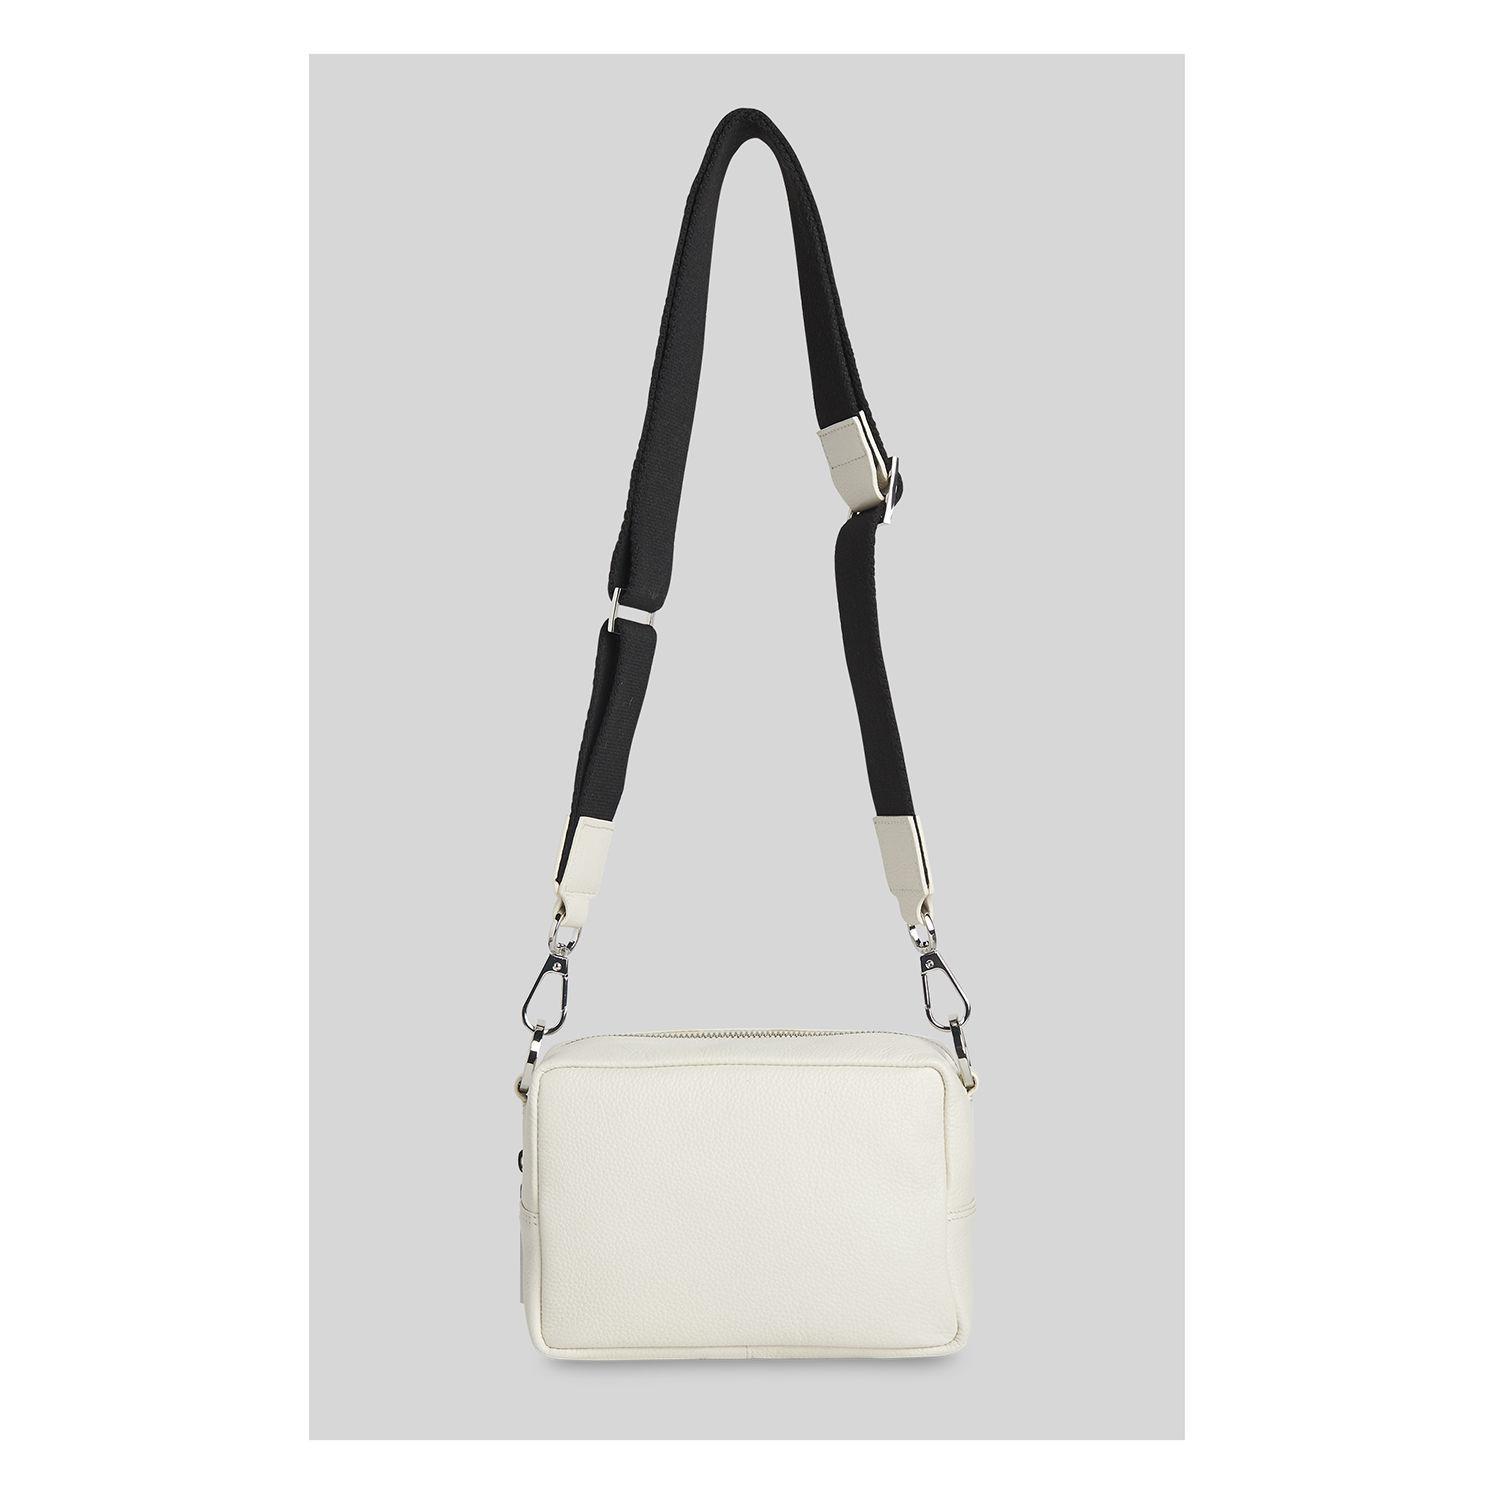 Whistles Bibi Crossbody Bag in White - Lyst 61d7d33f317ce